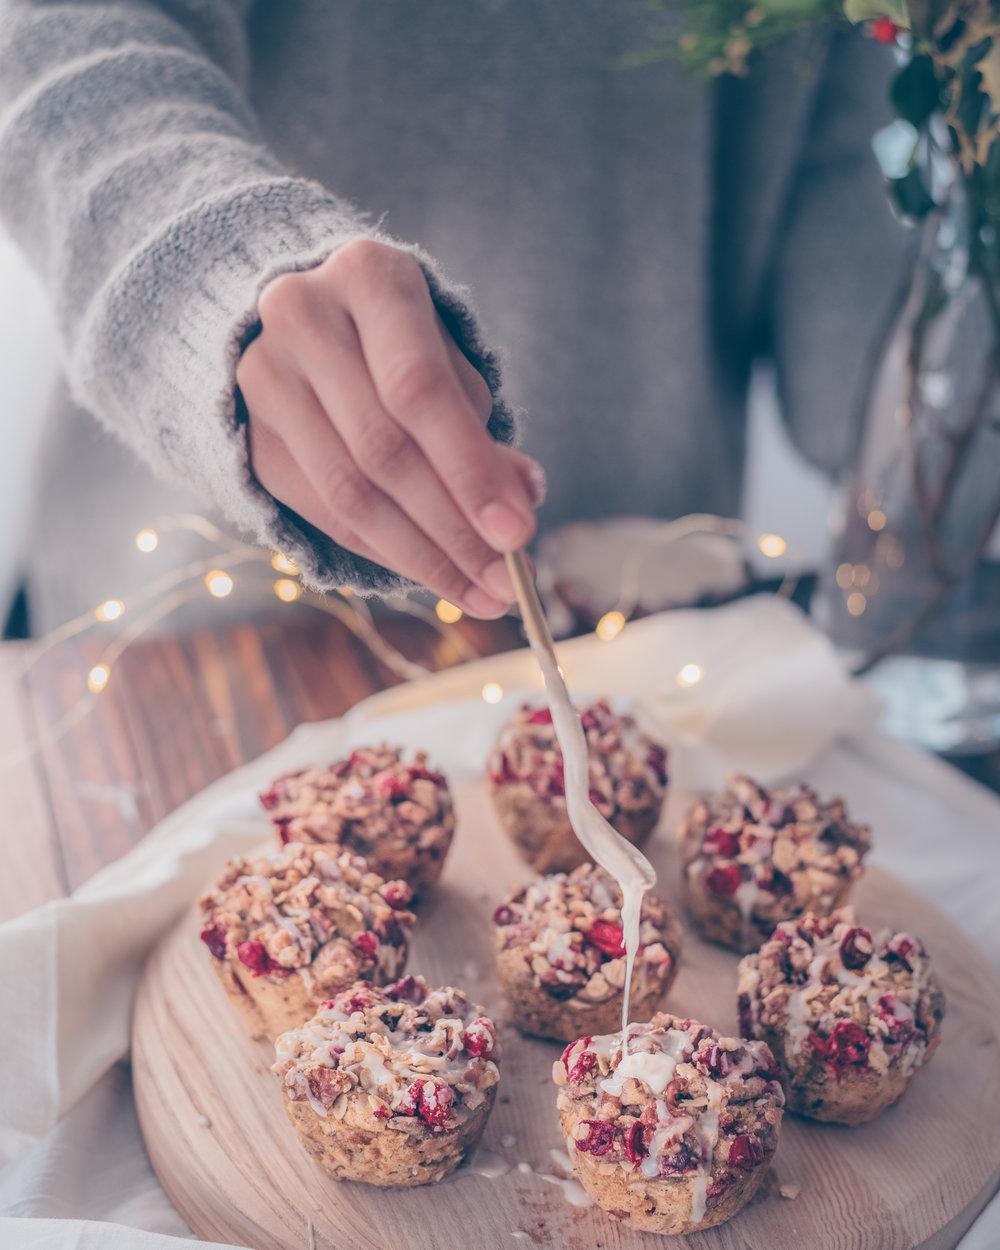 Cranberry Orange Streusel Muffins - V